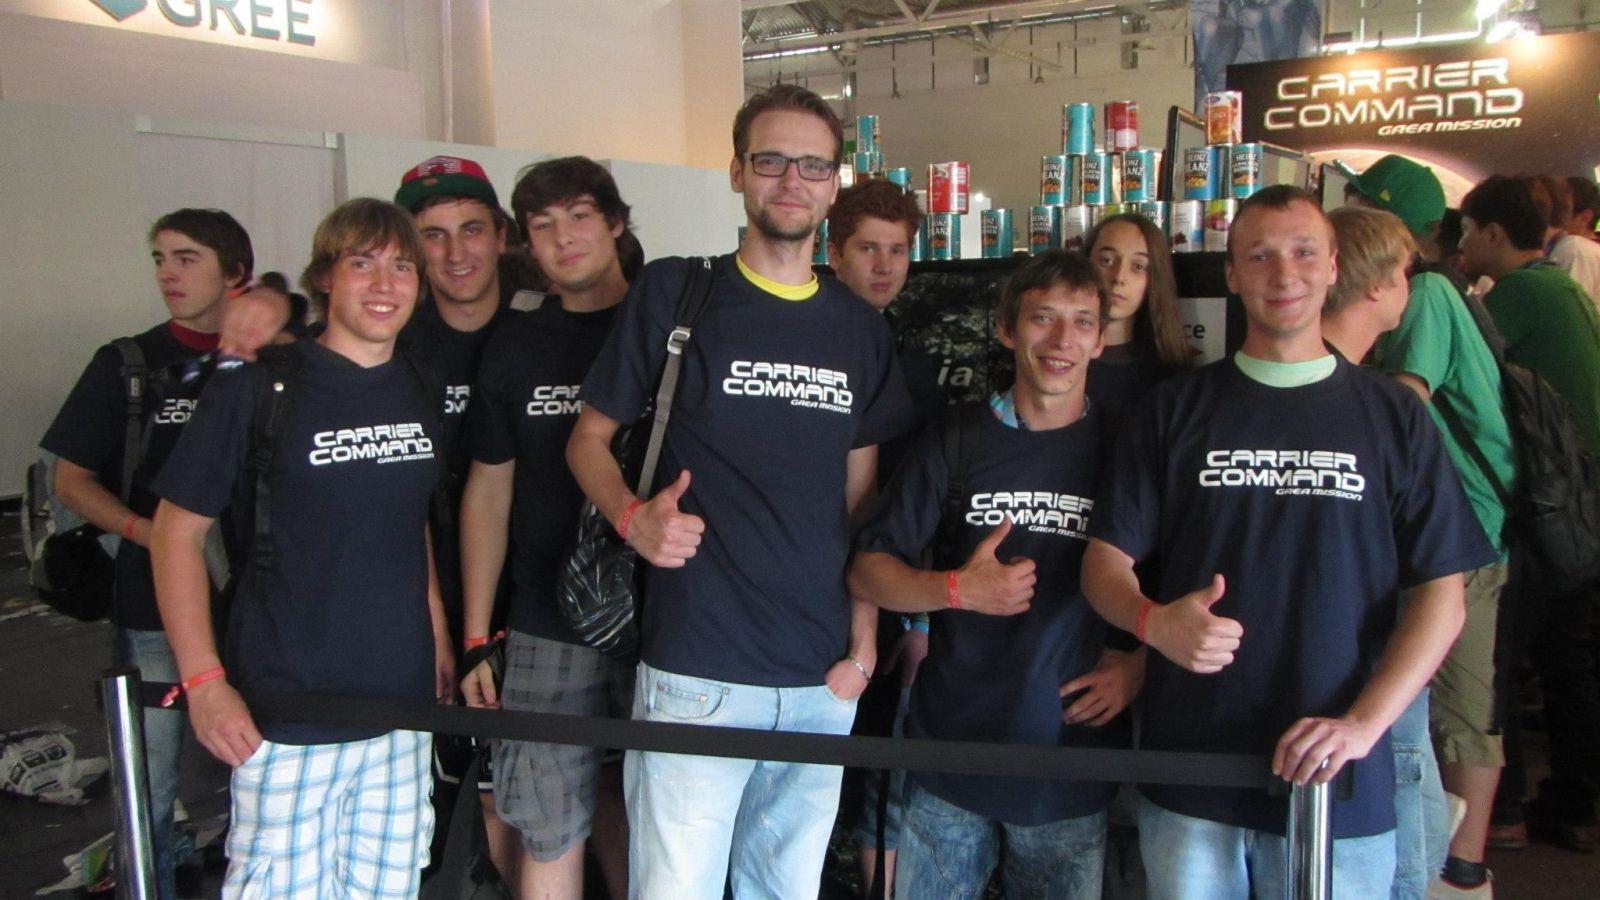 BI stend gamescom 2012 15